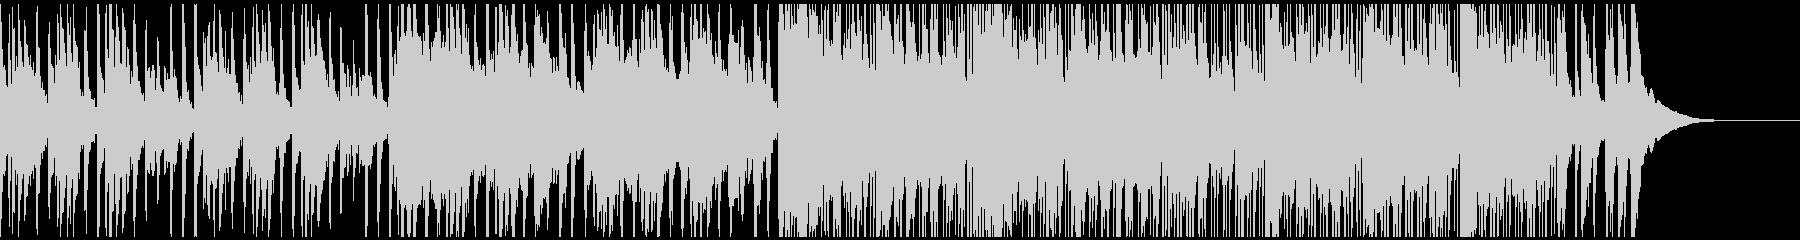 和楽器のみを使用したかっこいいBGMの未再生の波形